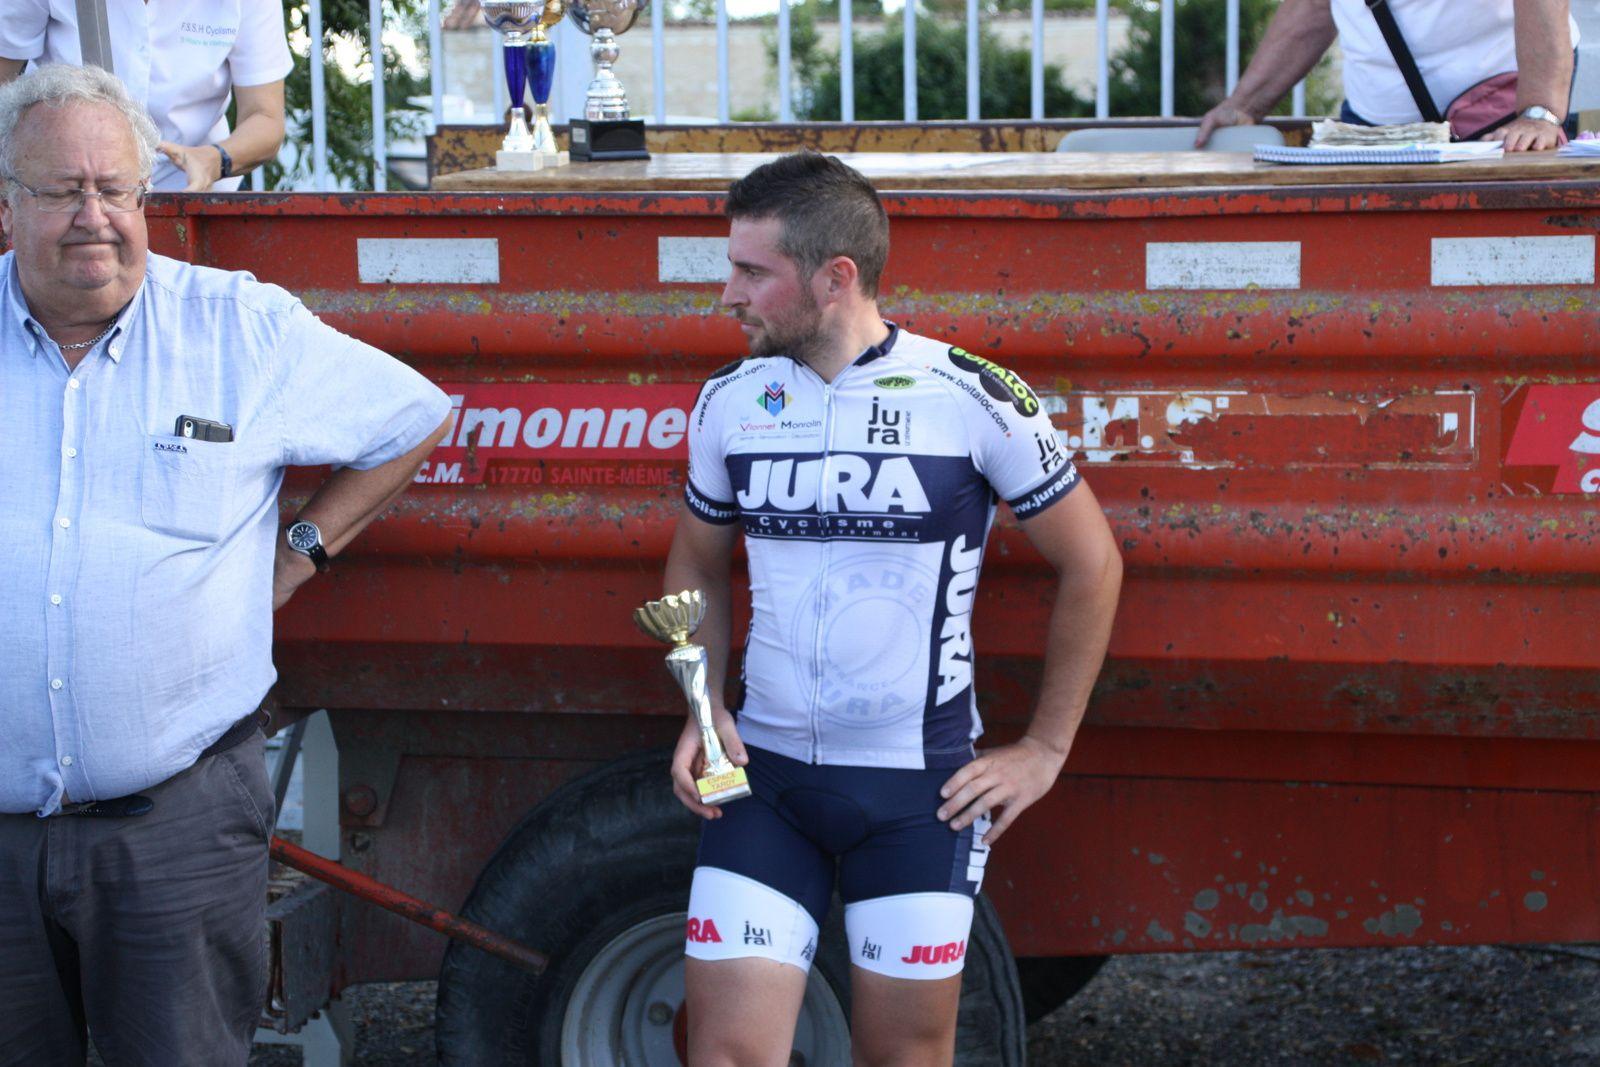 Le  1er  des  3  catégorie  Clément  MOLINOT